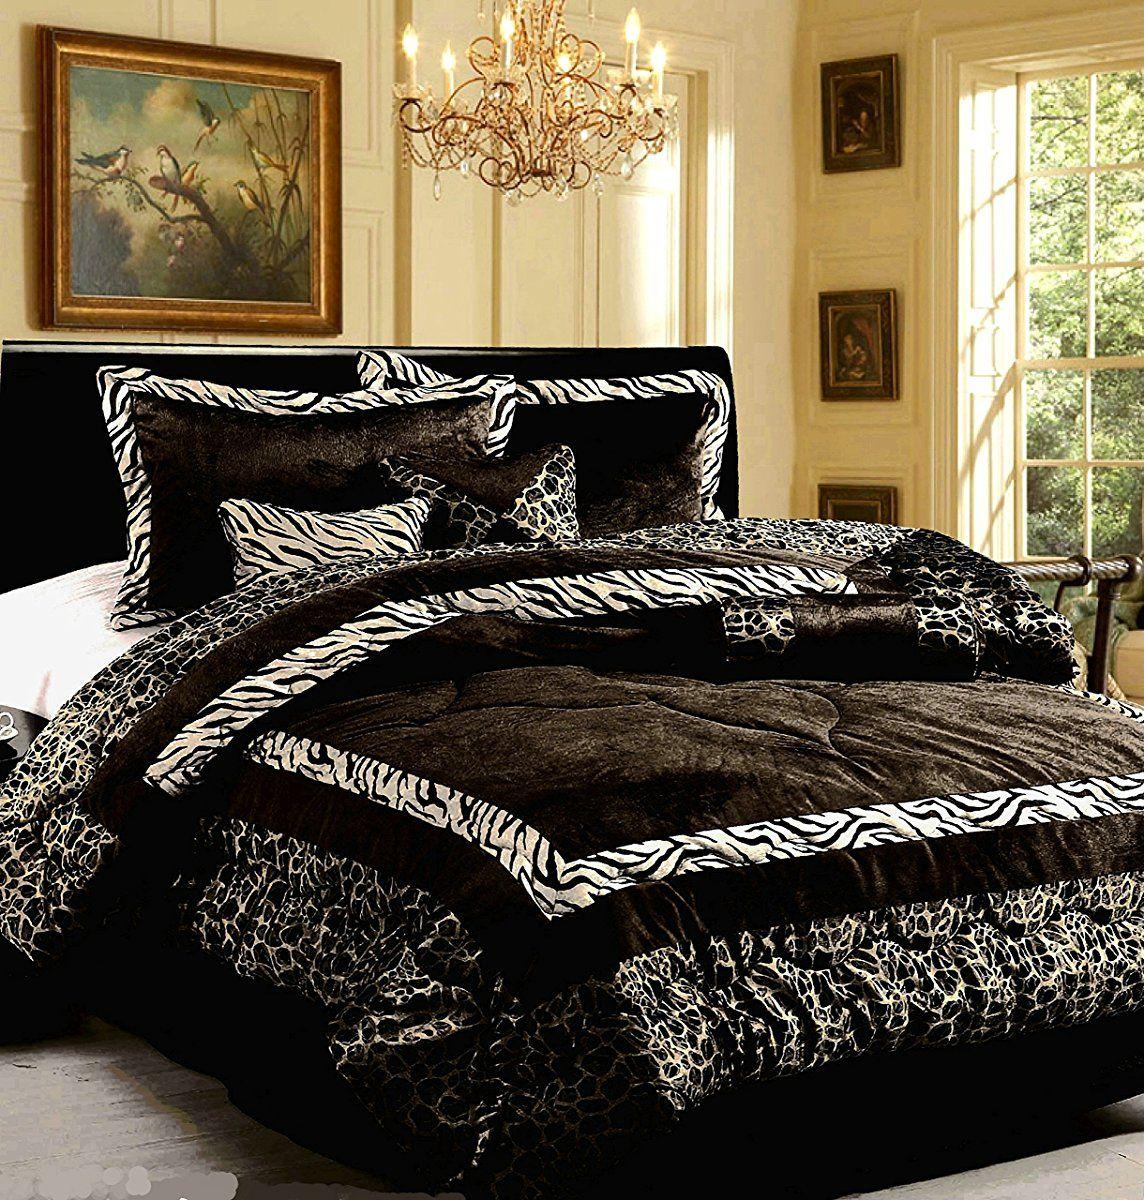 Best Dovedote Safarina Zebra Animal Print Comforter Set Queen 400 x 300